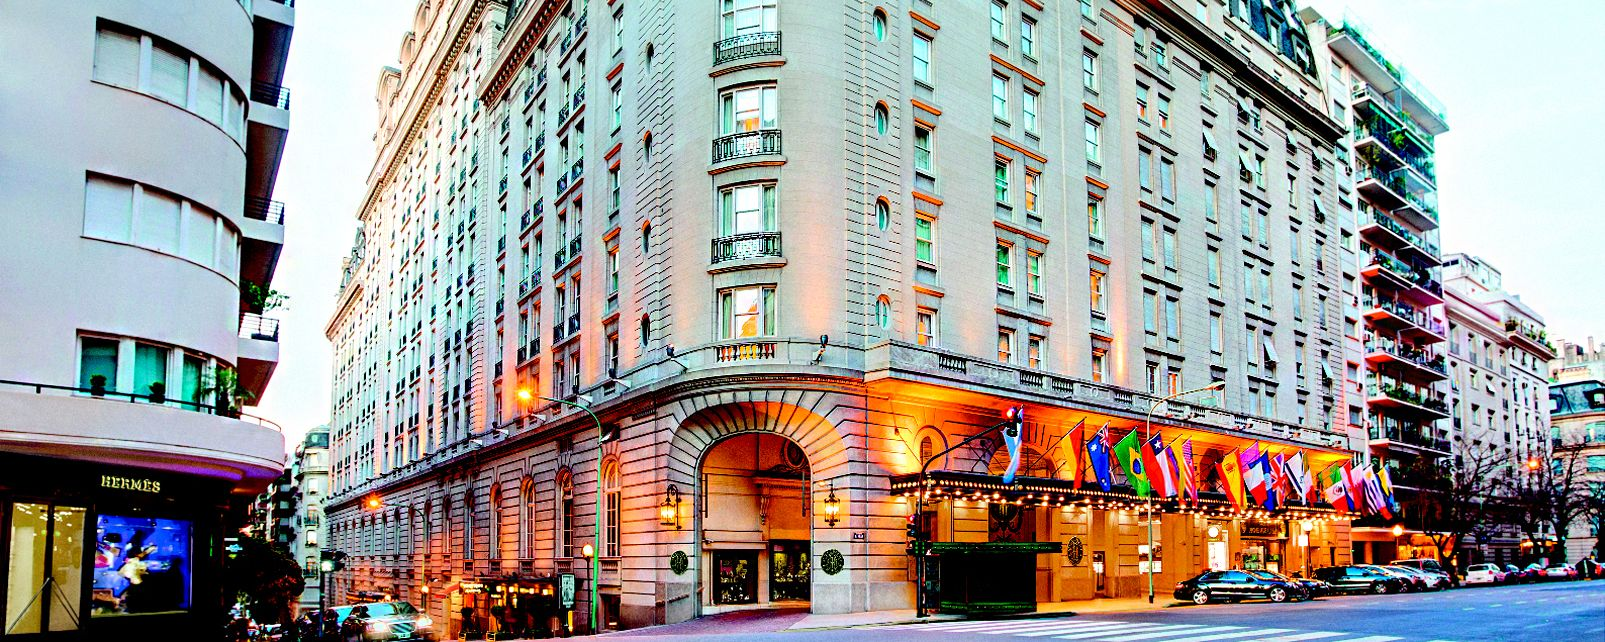 Hôtel Alvear Palace Hotel